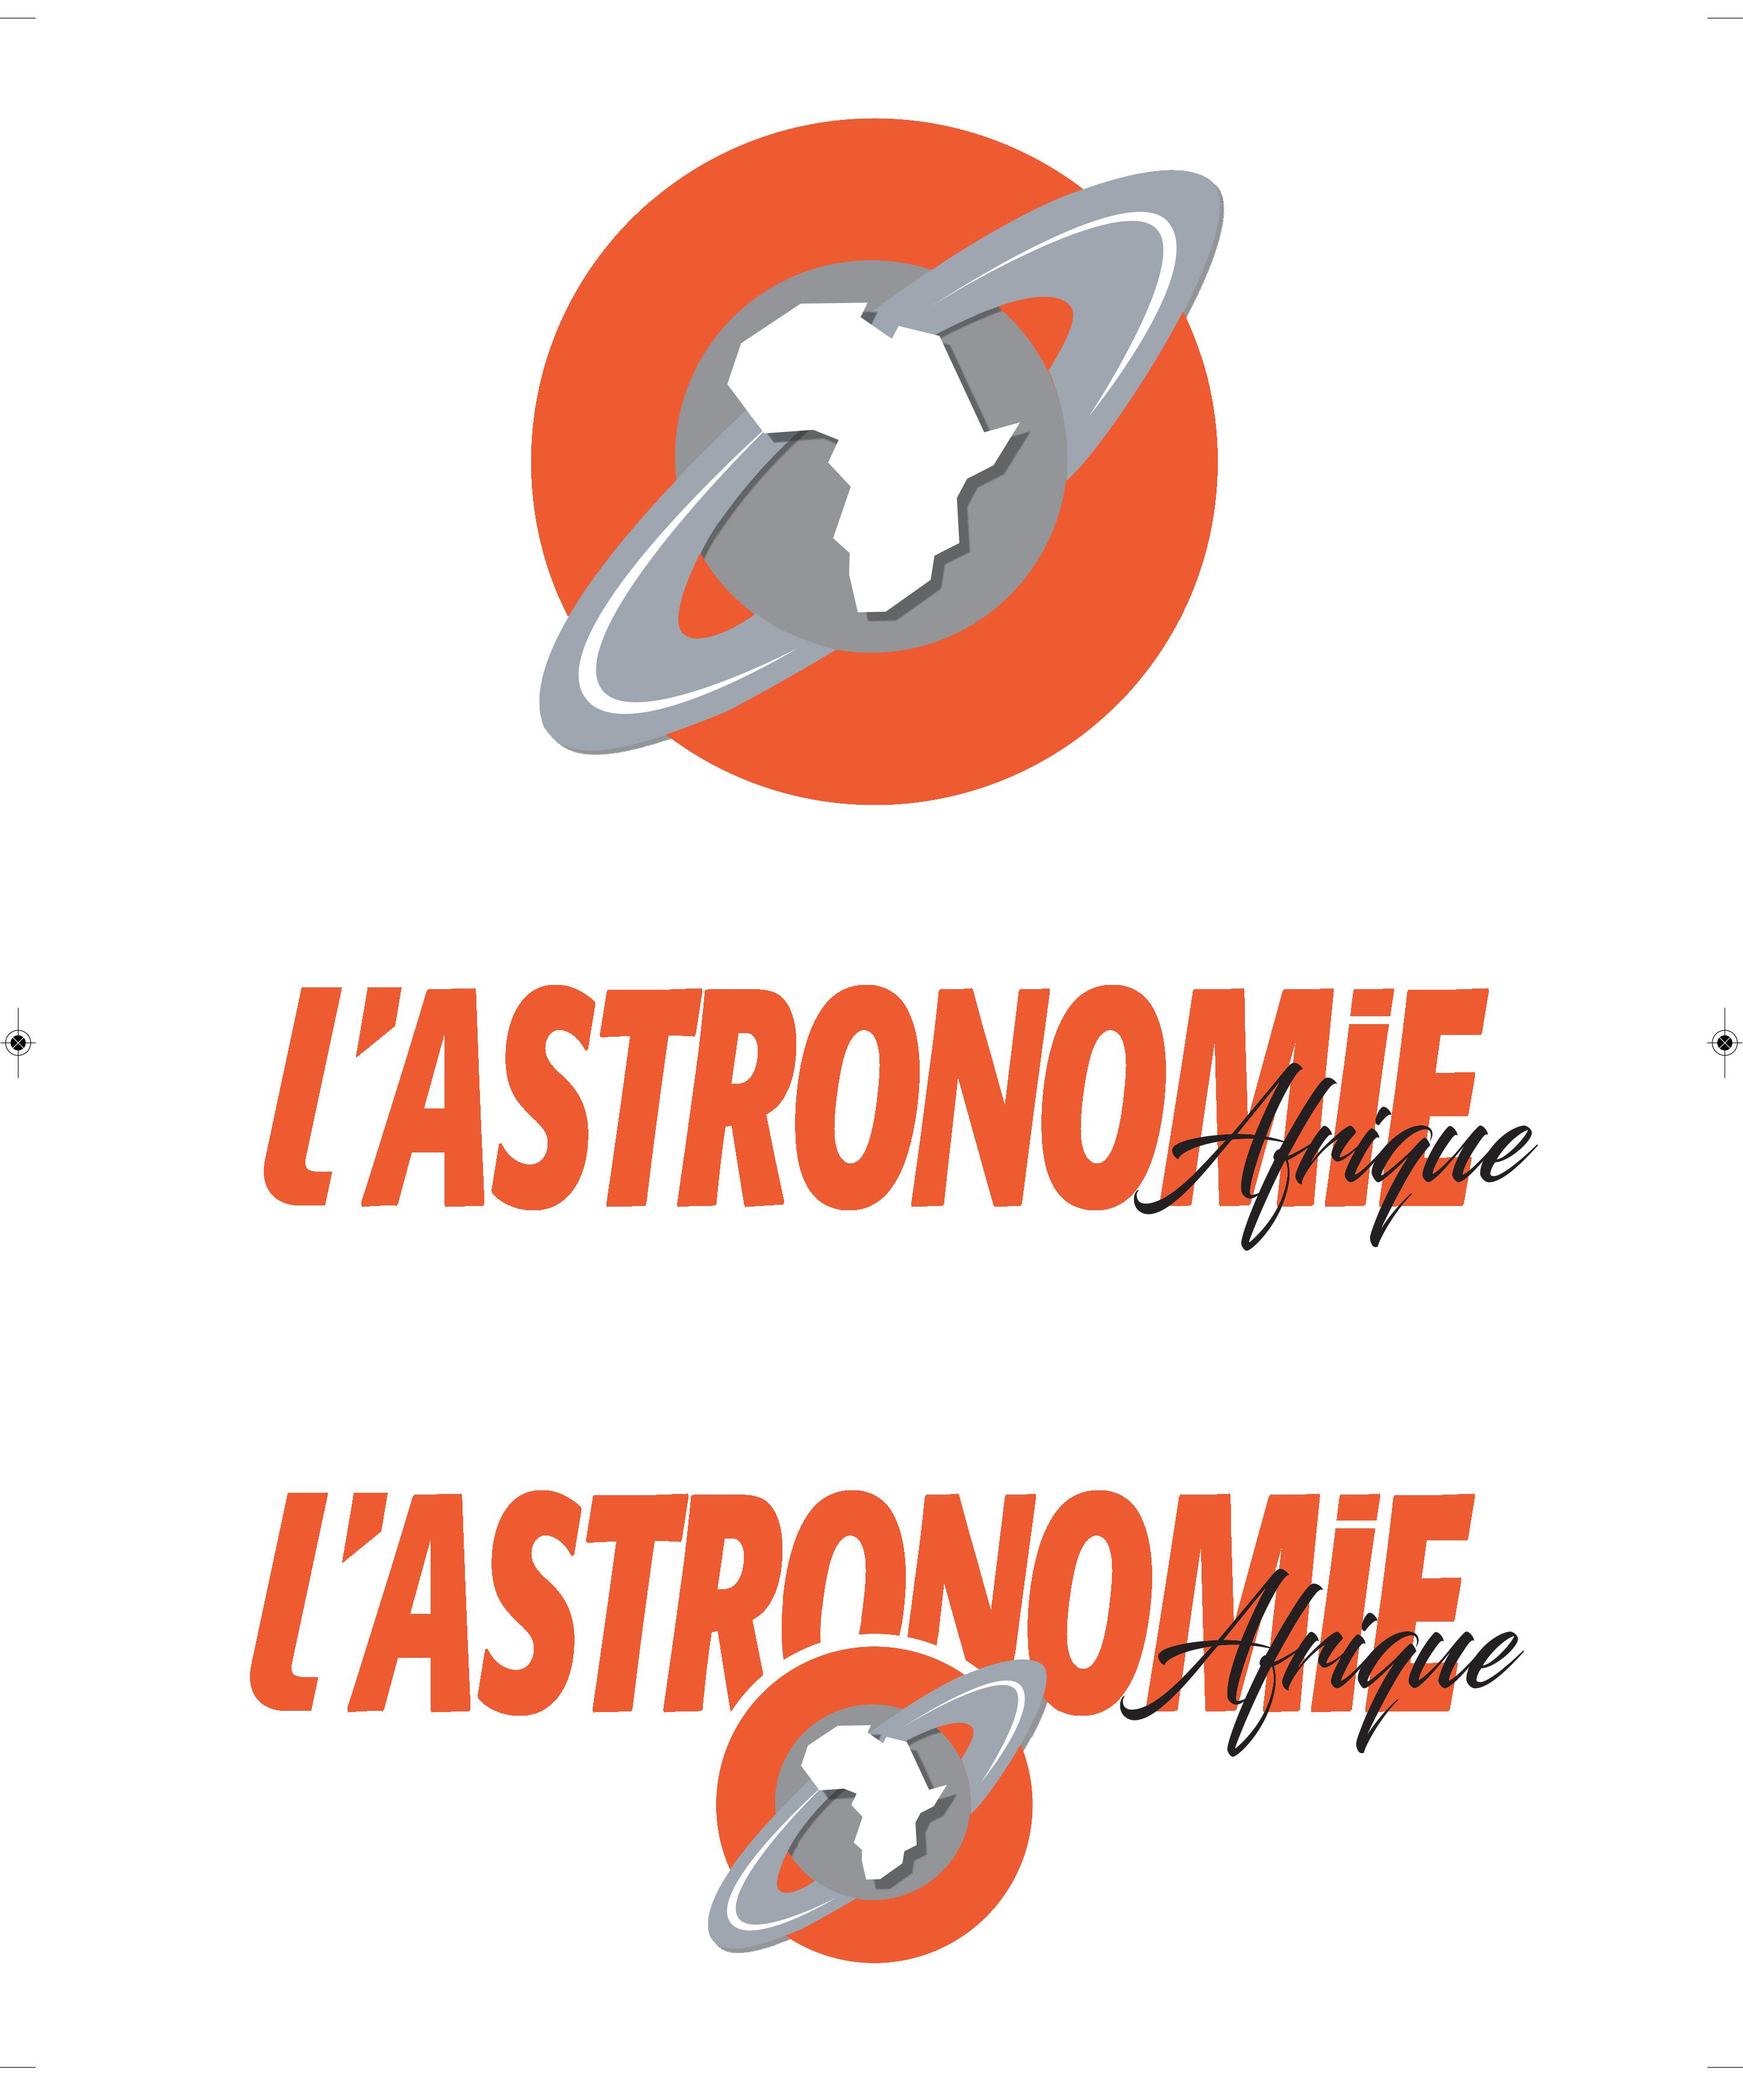 LOGO_ASTRONOMIE_AFRIQUE_RS.jpg